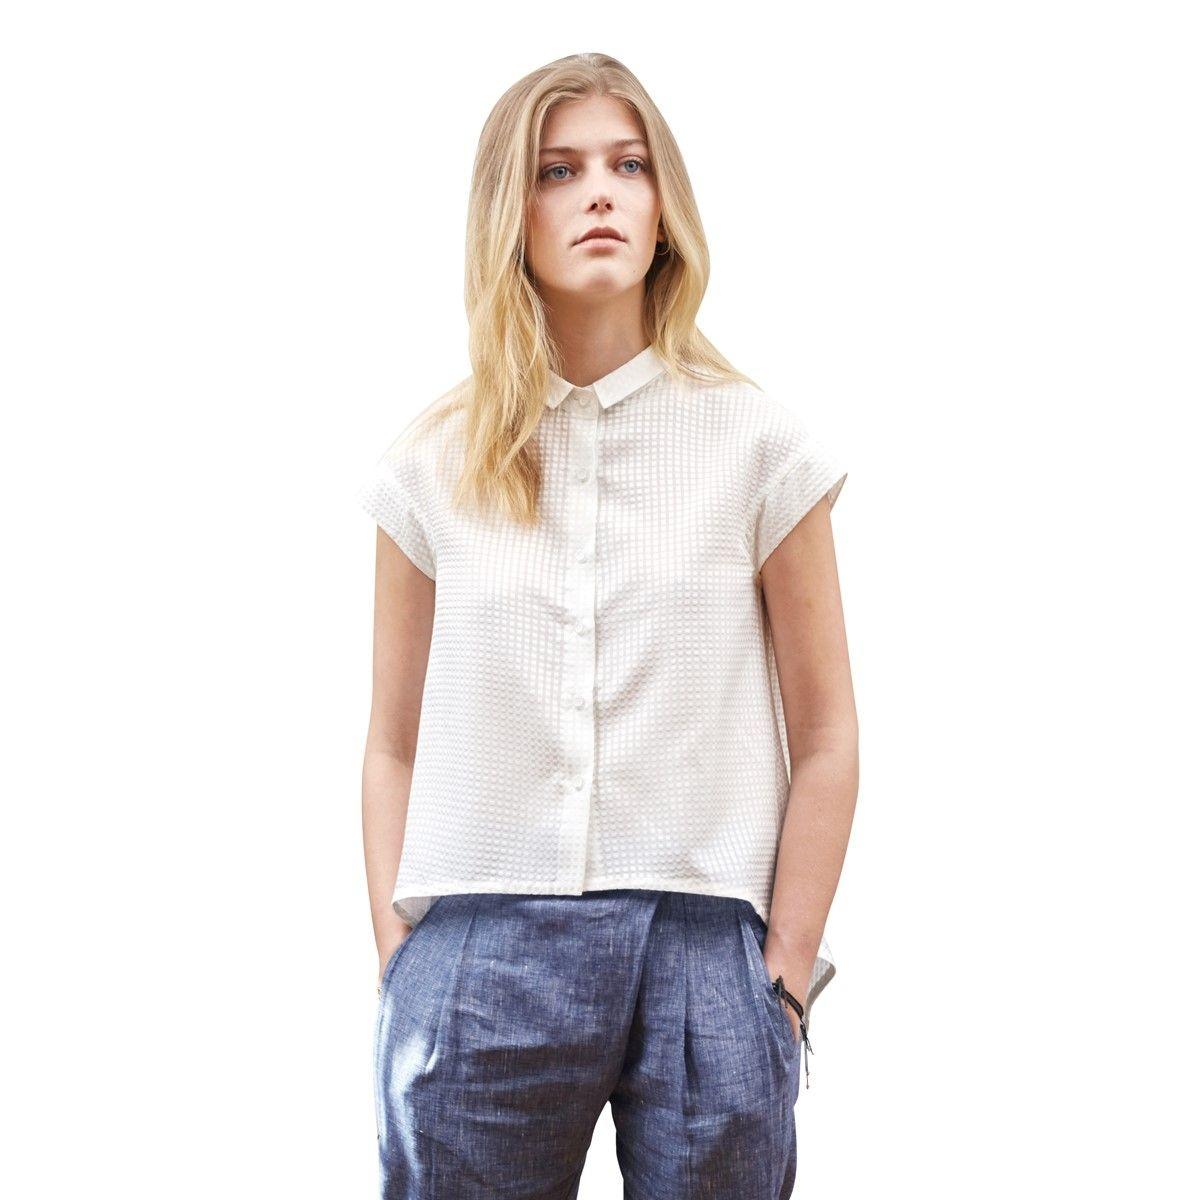 Chemise blanche Femme décontractée manches courtes soie coton